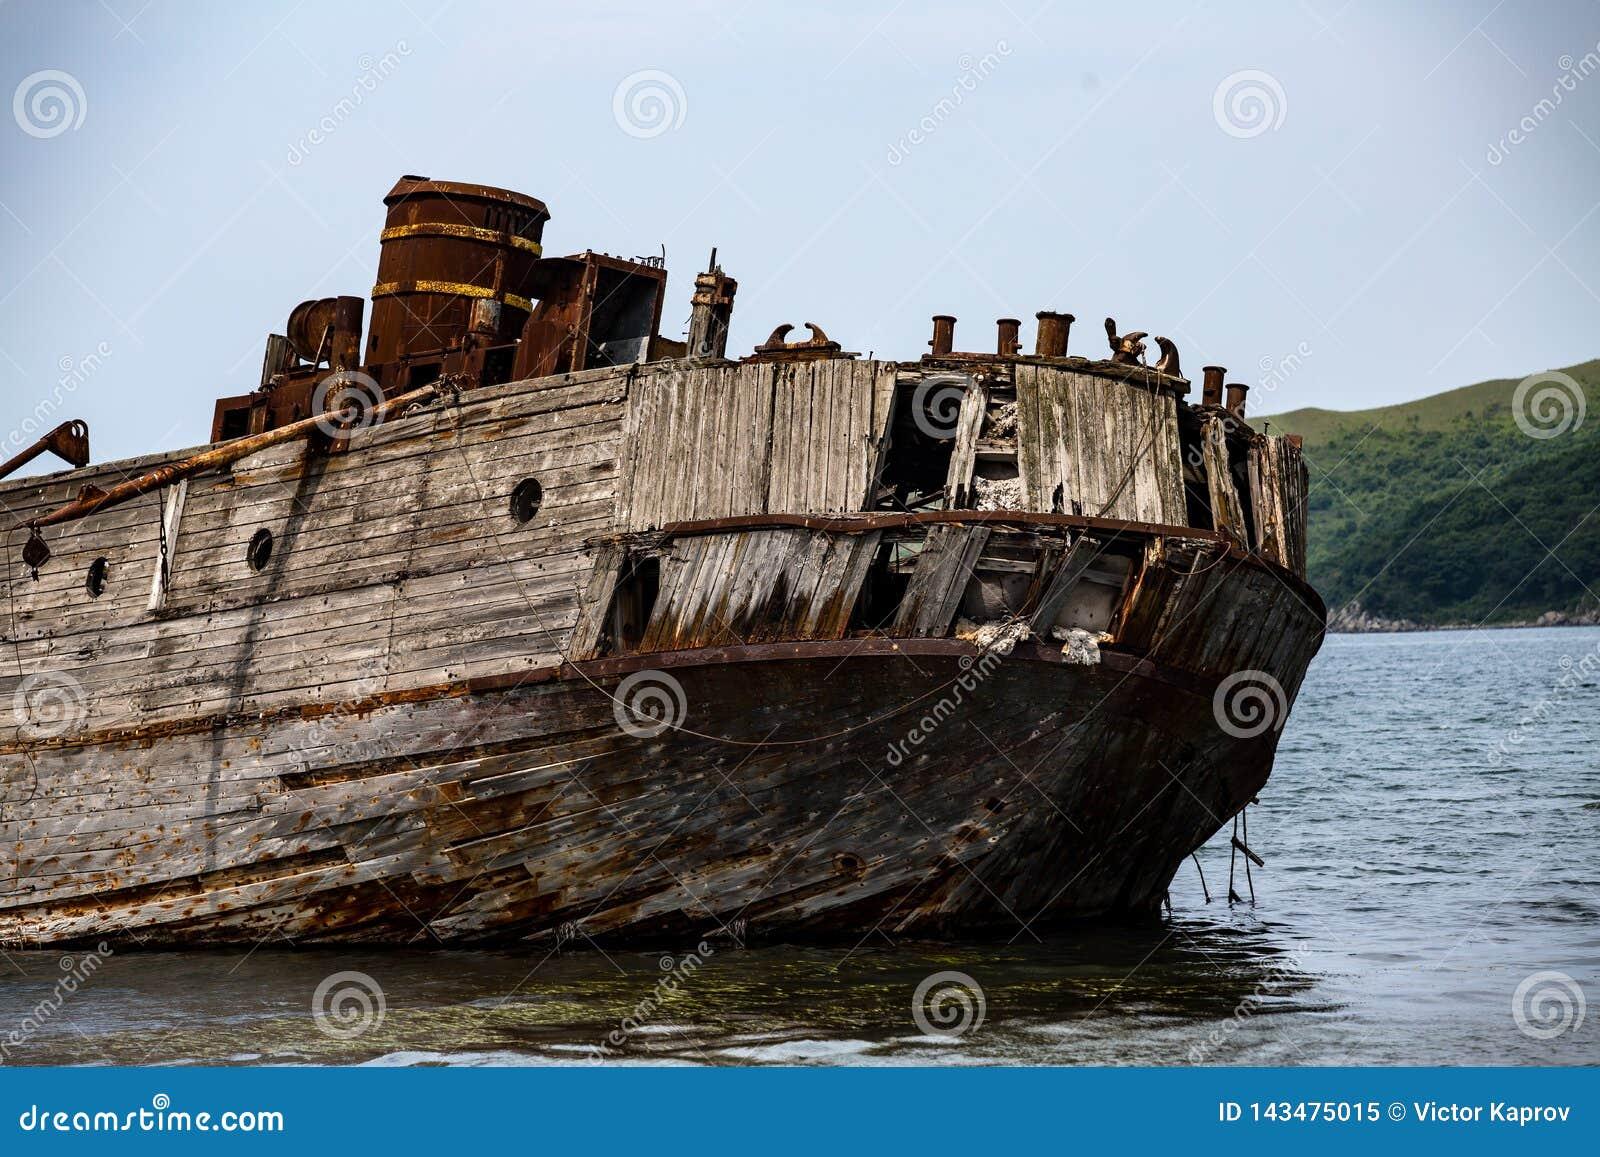 Il resti di una nave incavata nel mare giapponese